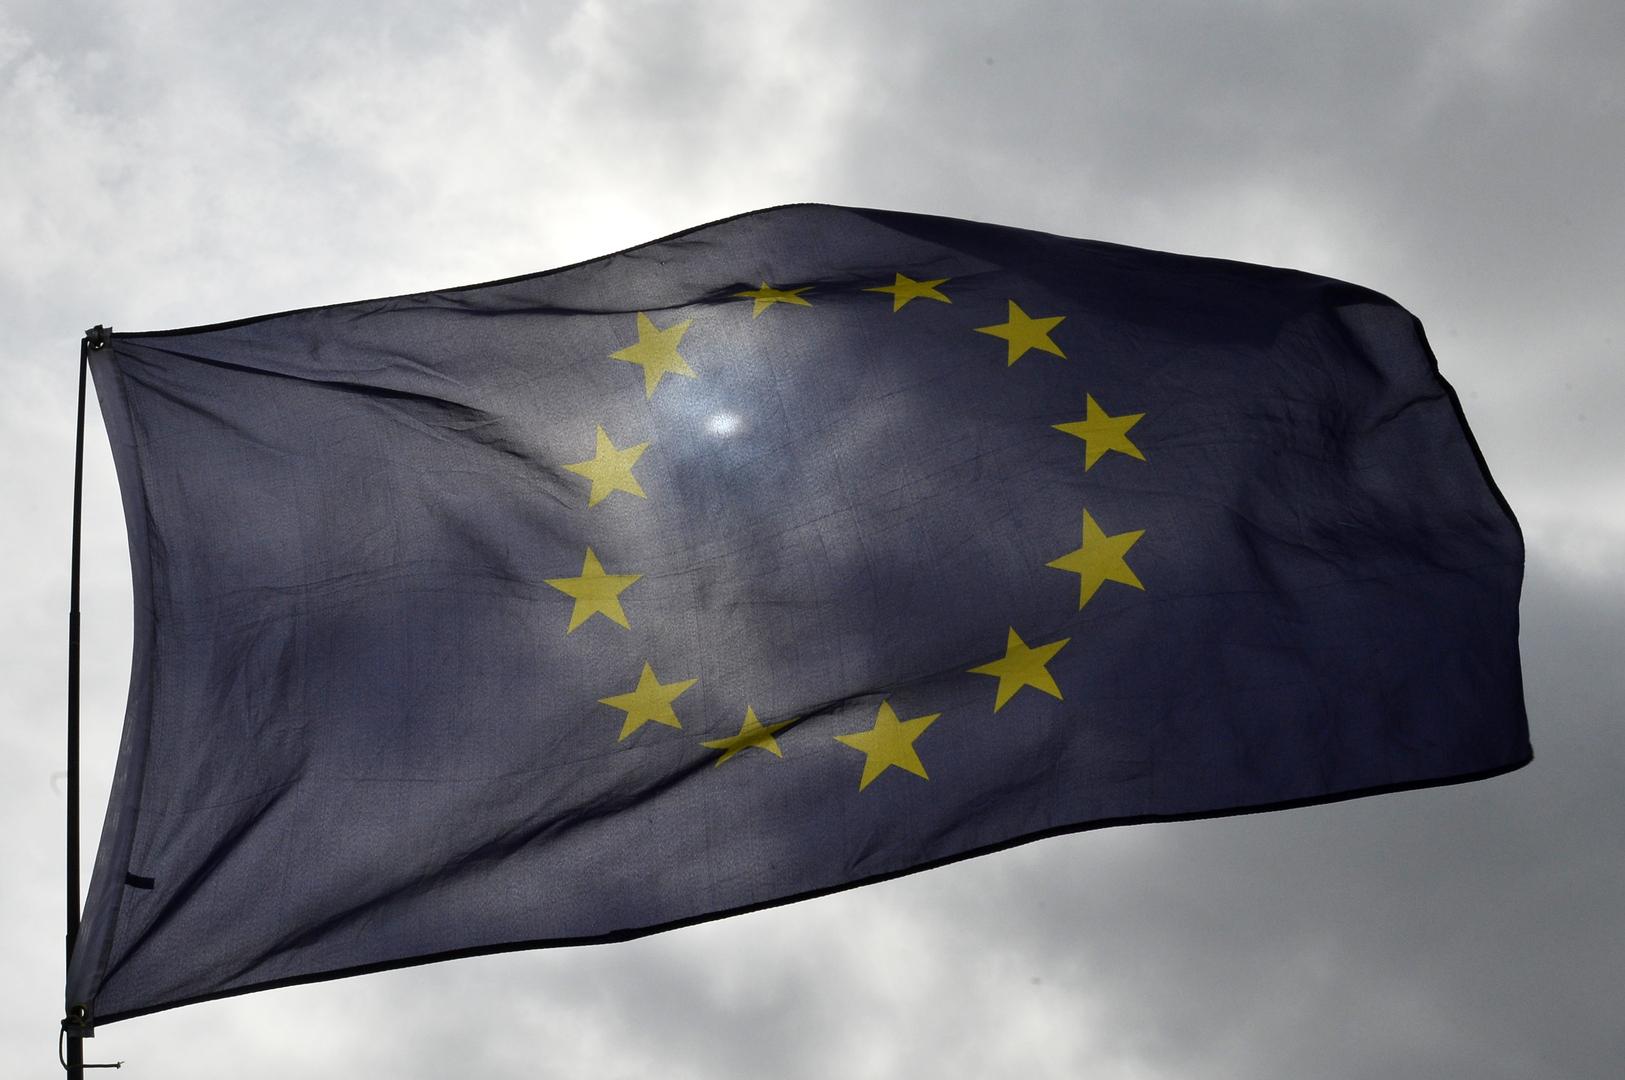 الاتحاد الأوروبي يبلغ أردوغان بتشديد العقوبات الأوروبية ضد تركيا